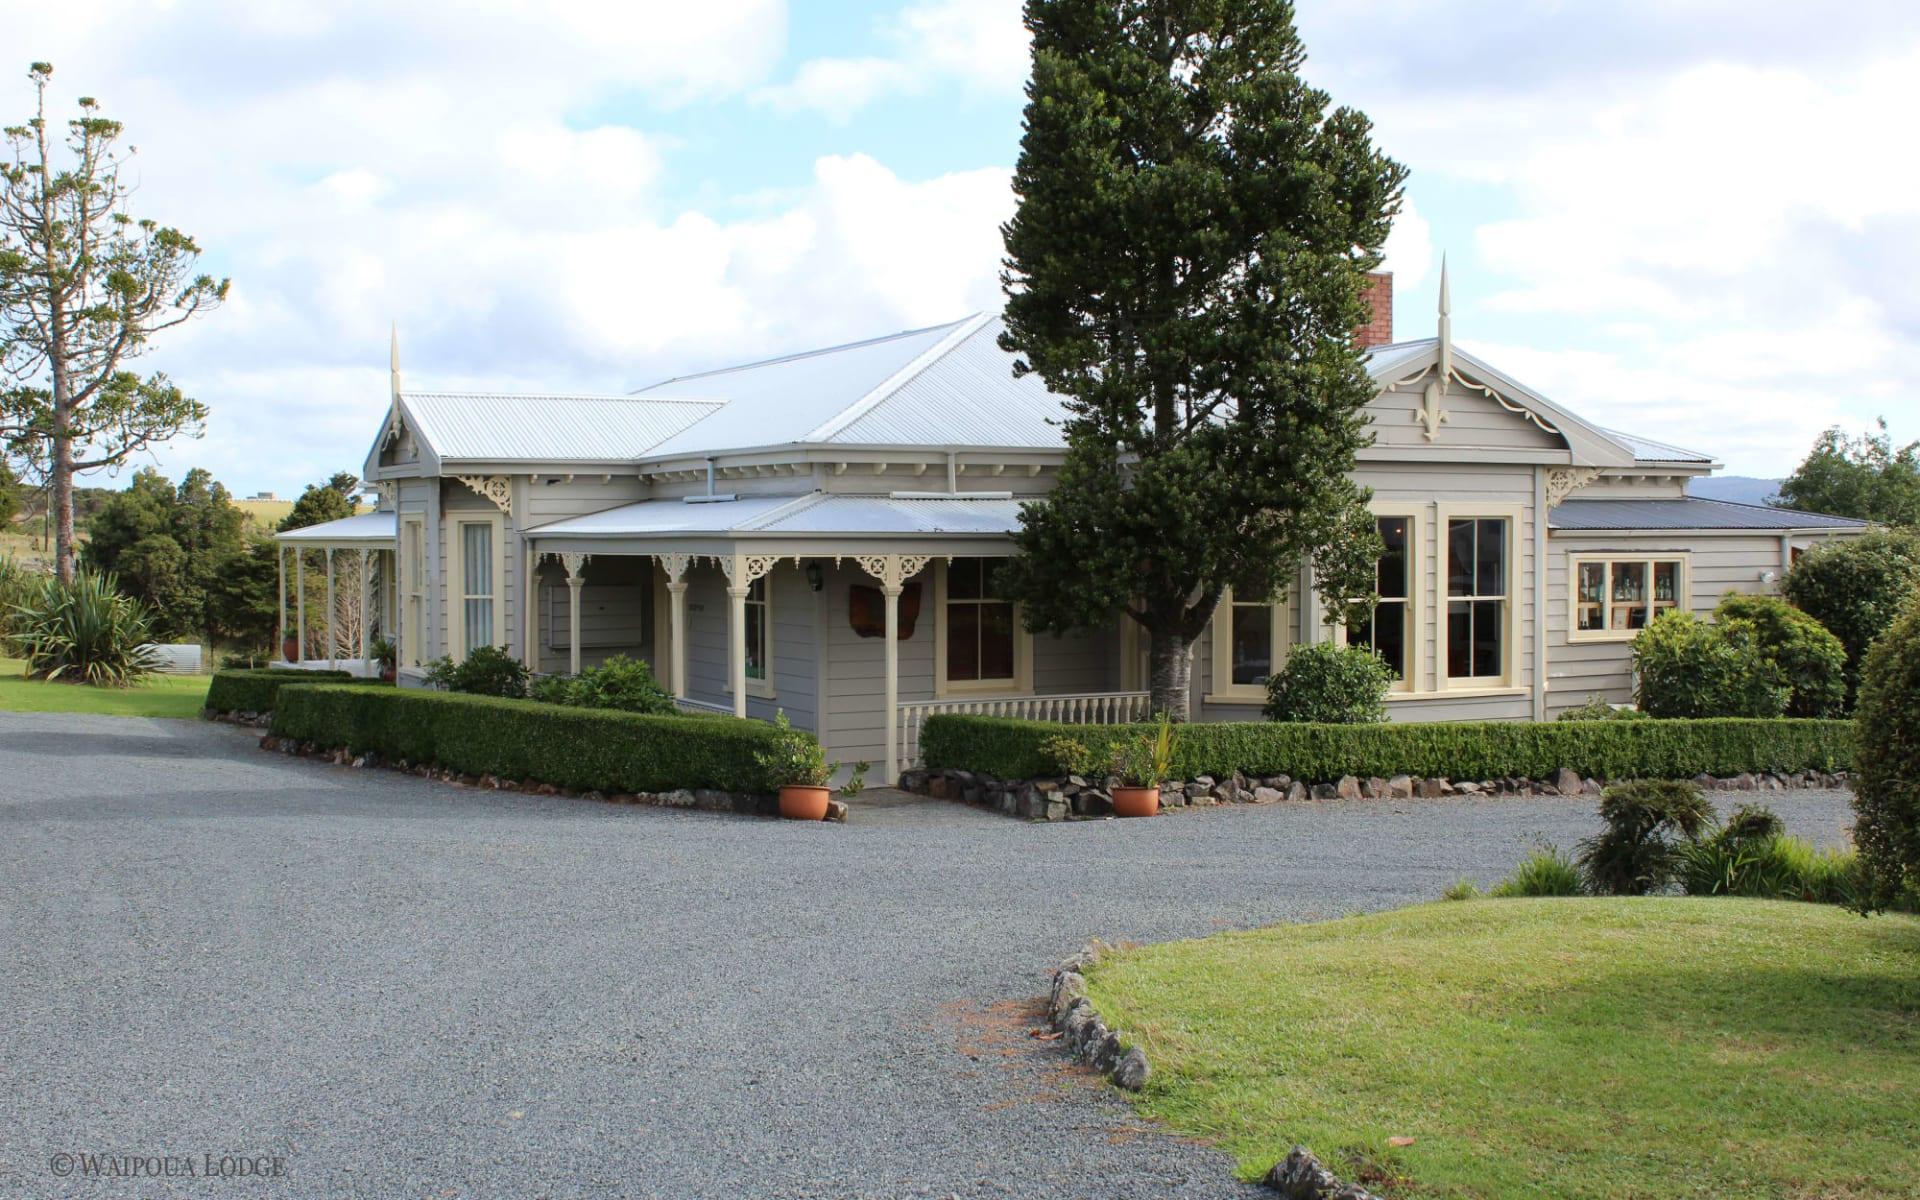 Waipoua Lodge in Dargaville:  Waipoua Lodge - Ansicht